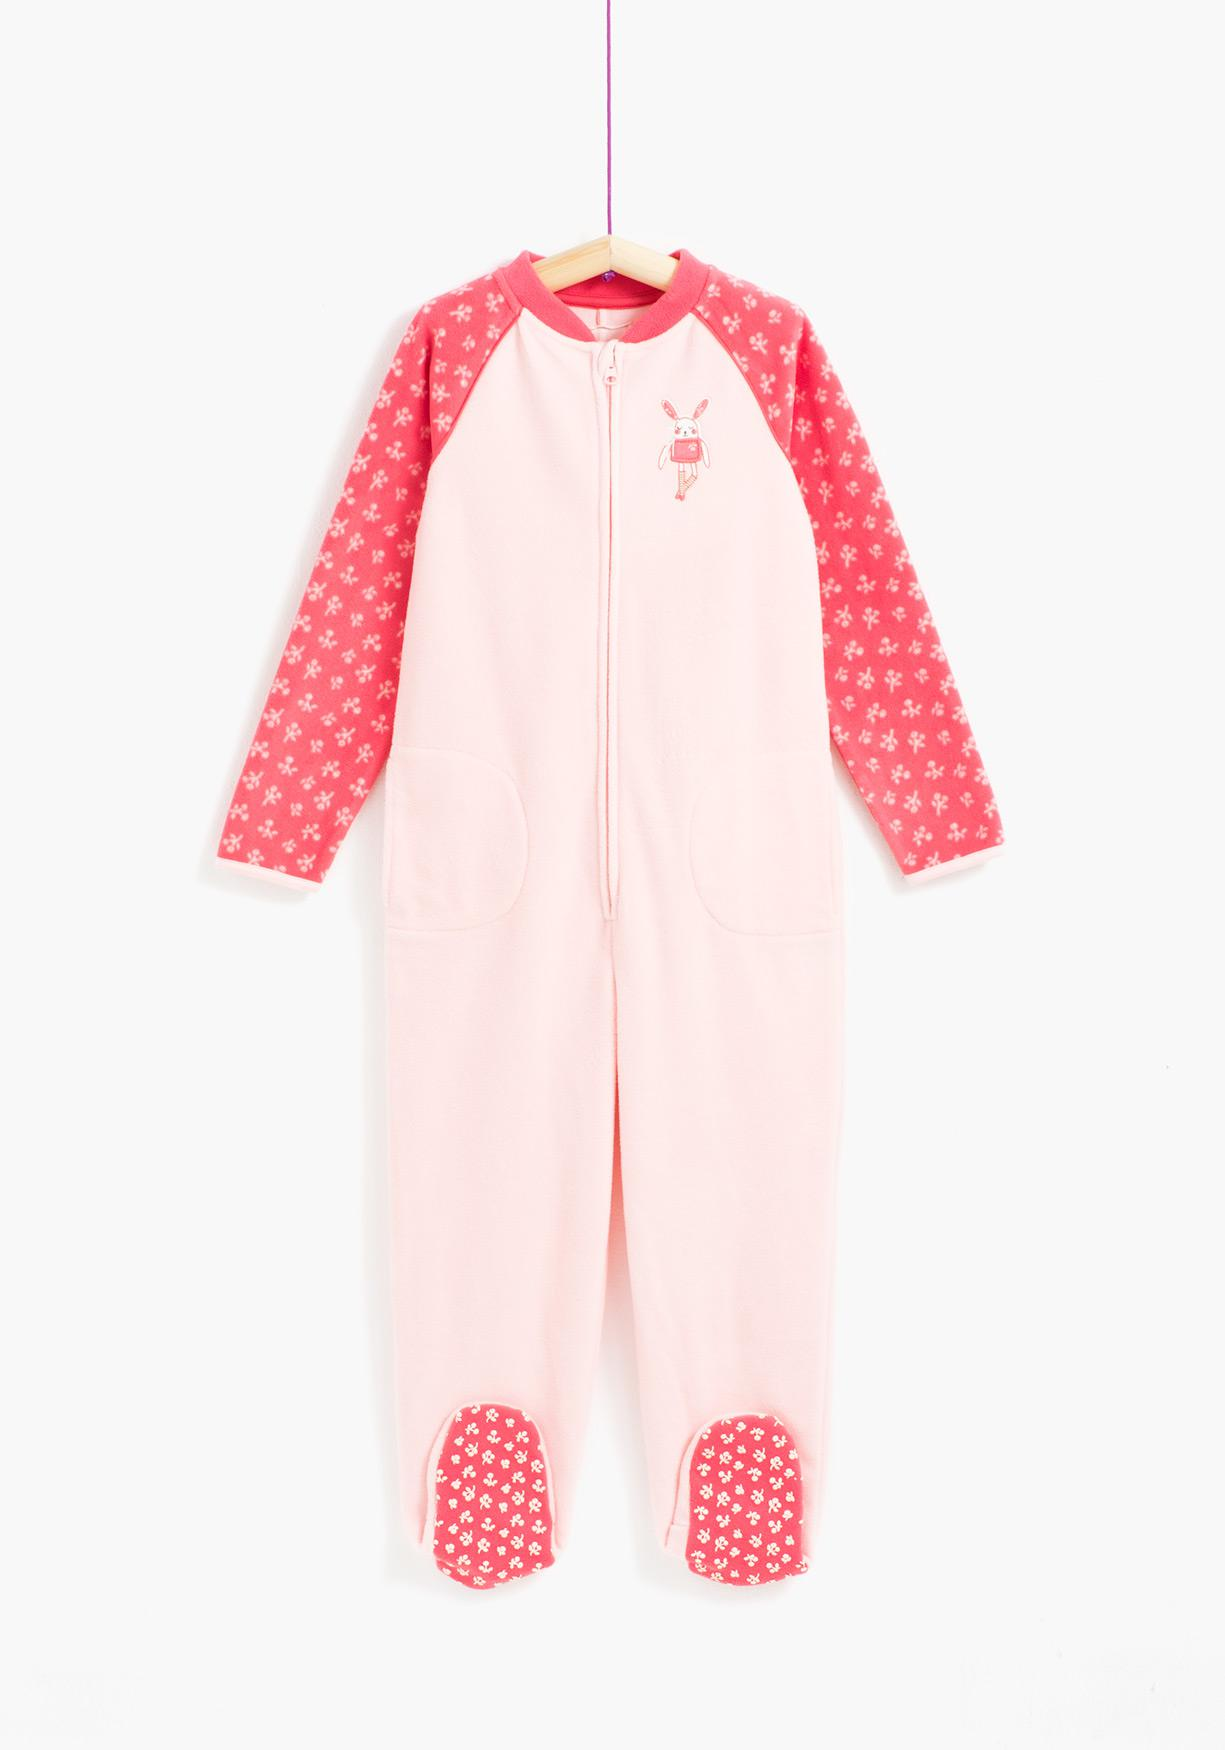 1c7f6f2b1 Comprar Pijama manta polar TEX. ¡Aprovéchate de nuestros precios y ...